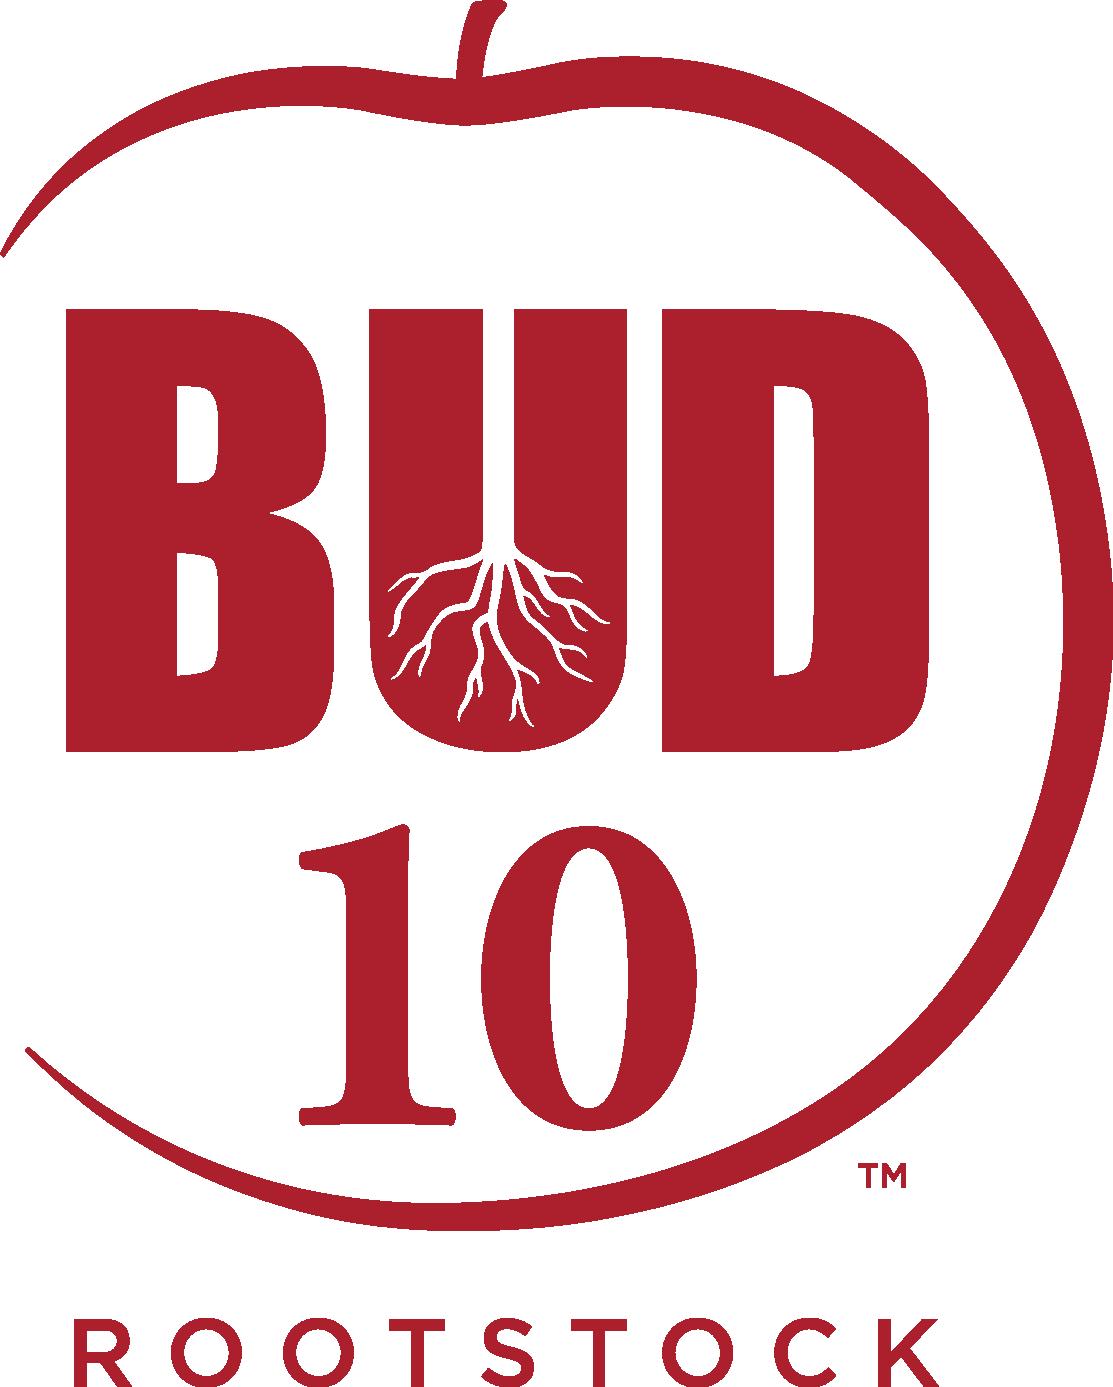 Bud 10 Rootstock